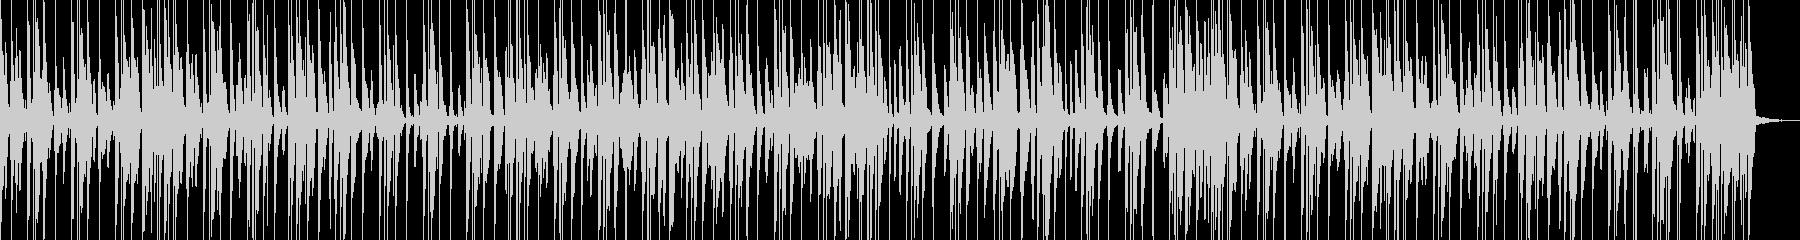 おしゃれでキャッチーなジャズピアノトリオの未再生の波形